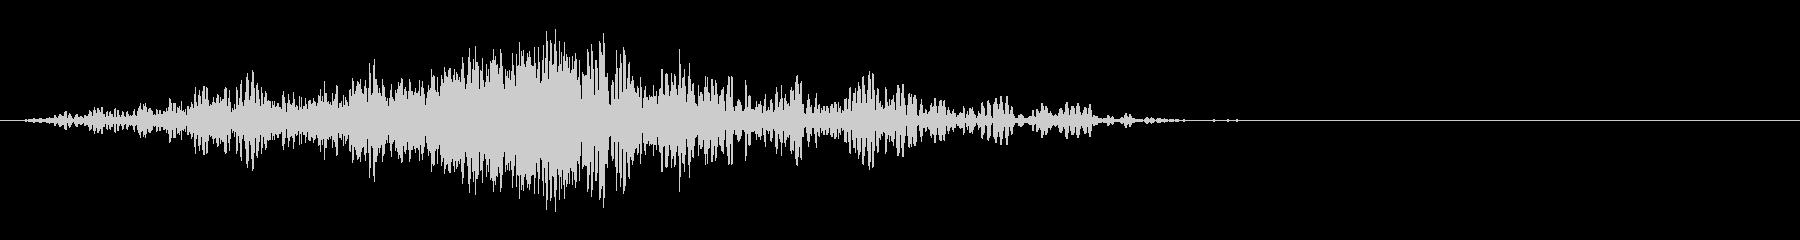 SynthWhoosh EC03_...の未再生の波形